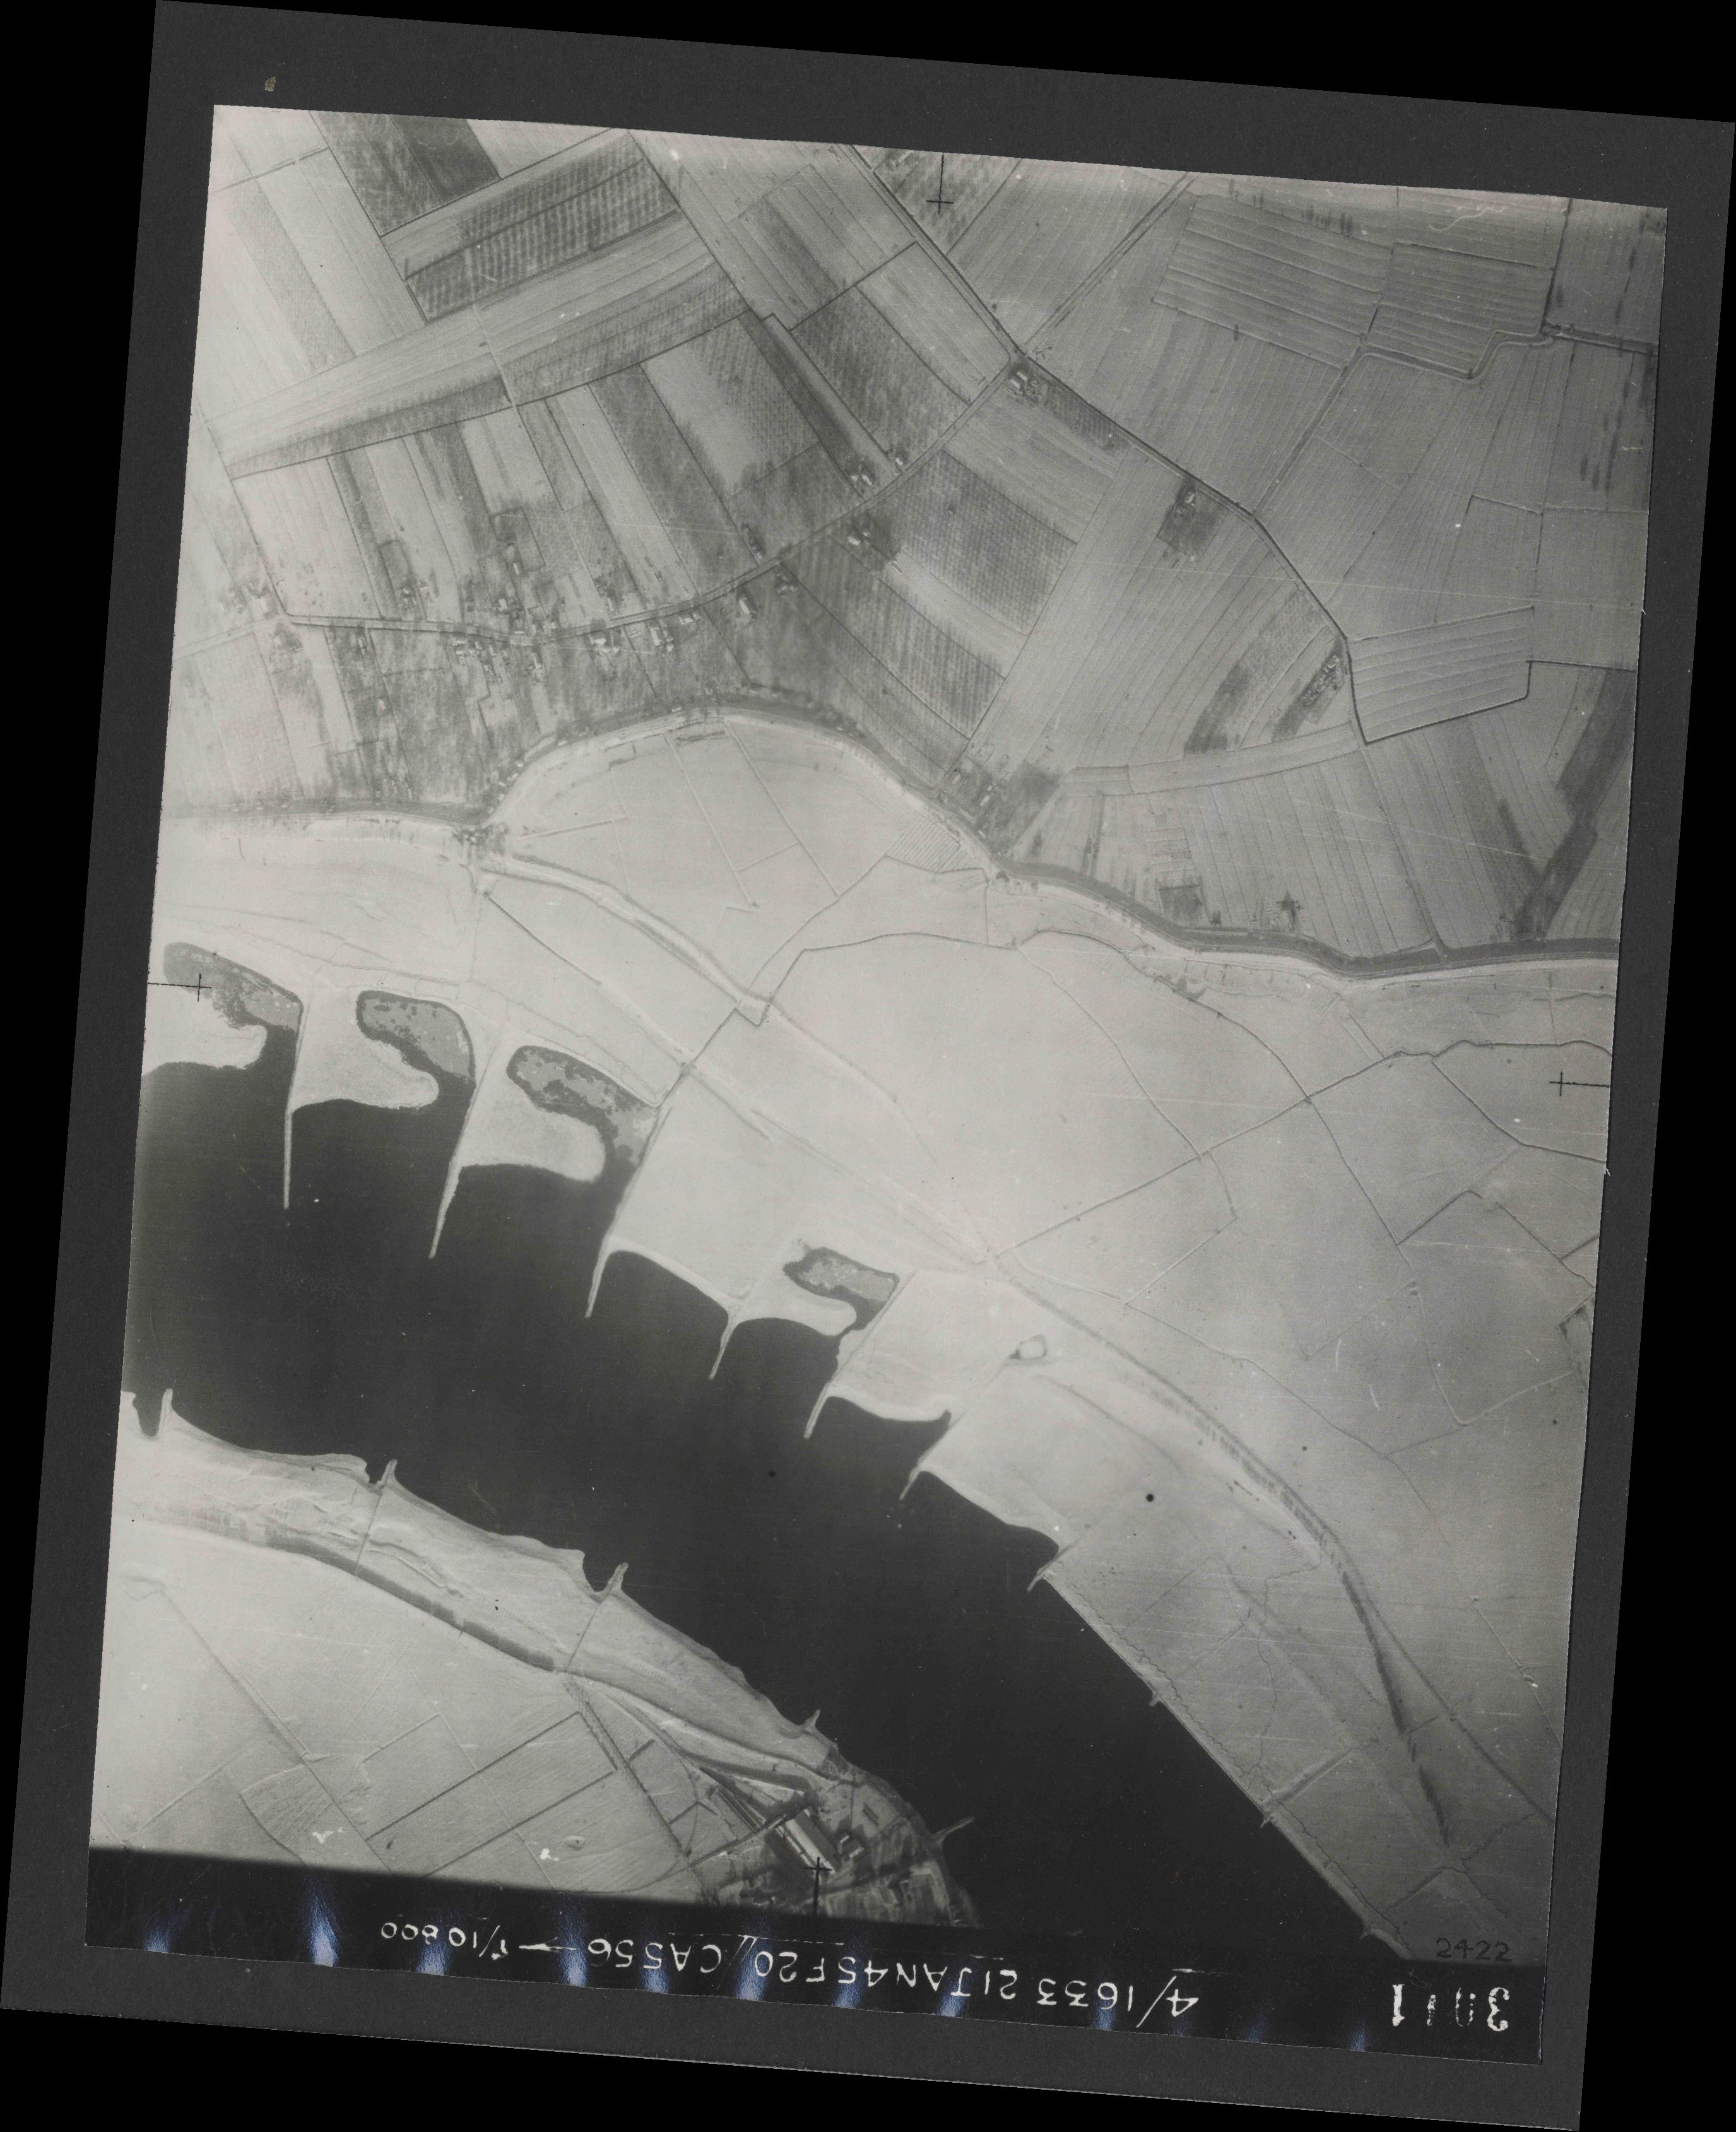 Collection RAF aerial photos 1940-1945 - flight 202, run 07, photo 3011